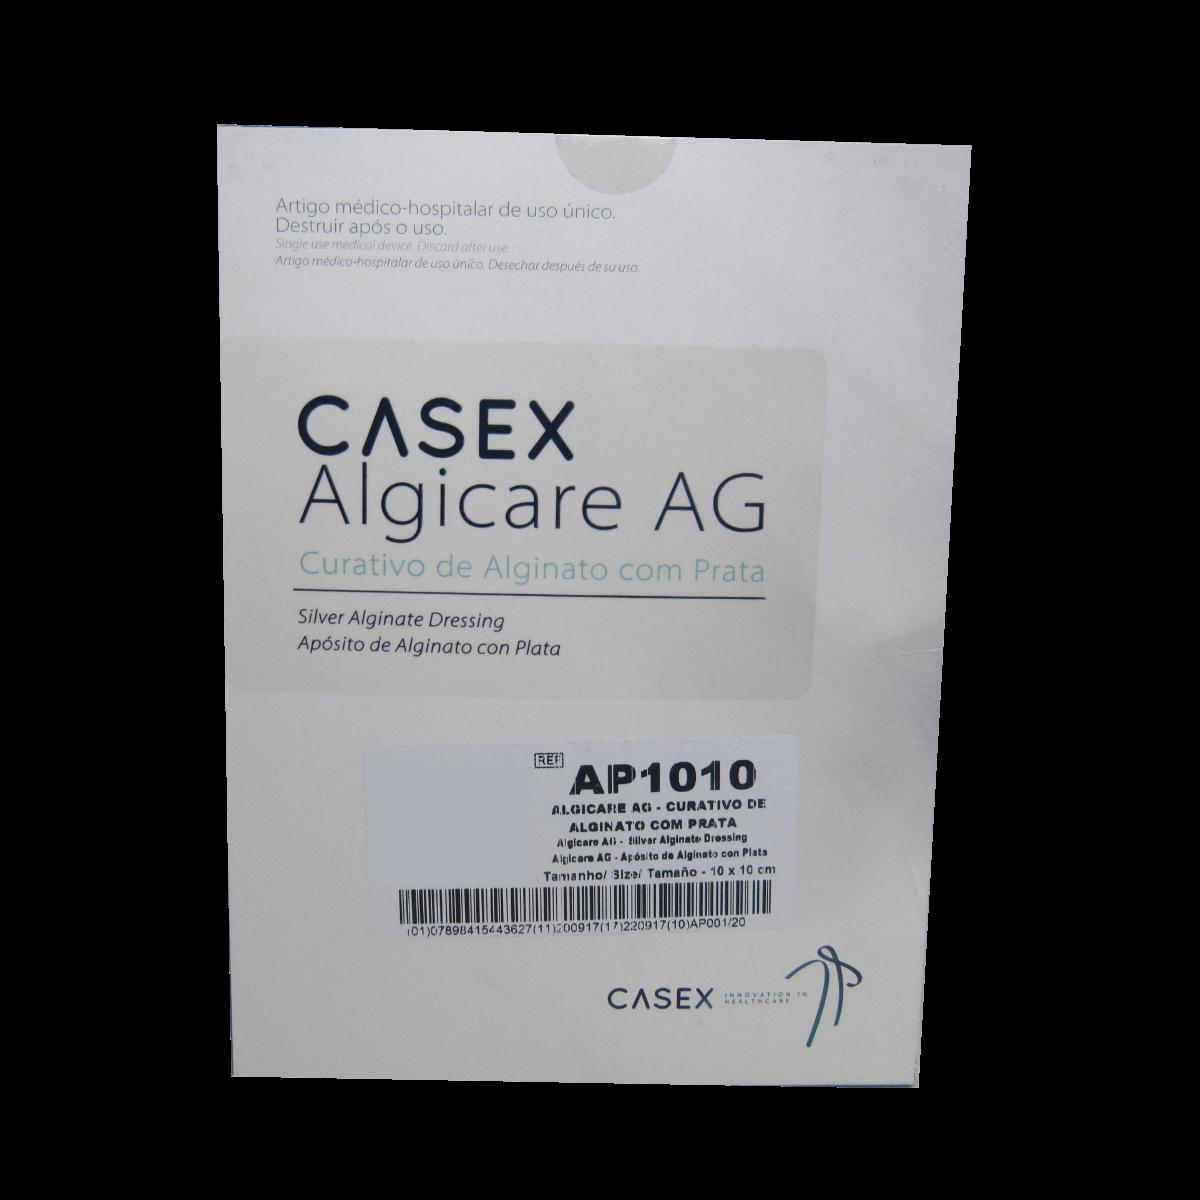 Curativo Alginato com Prata Algicare Ag 10x10cm Casex Kit  5 un